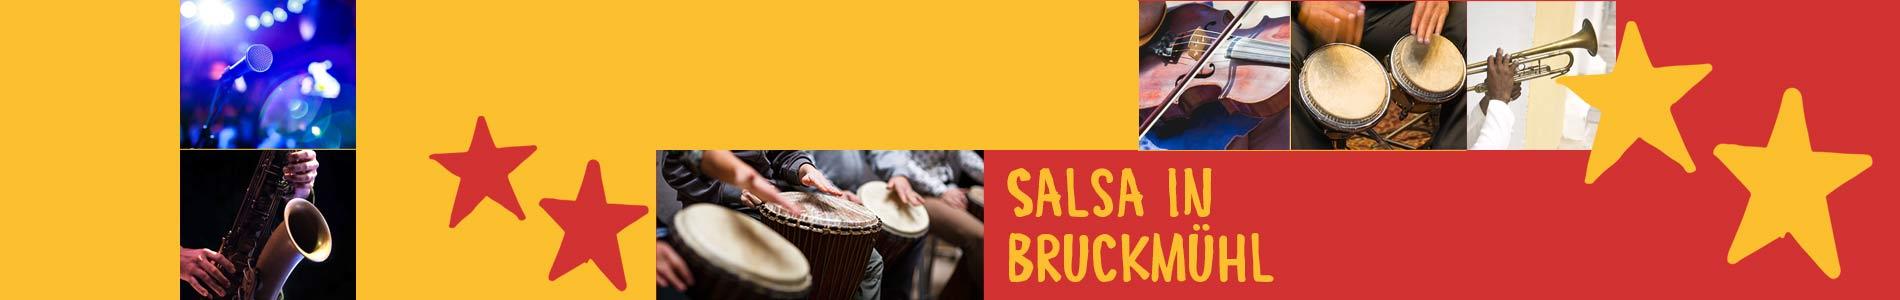 Salsa in Bruckmühl – Salsa lernen und tanzen, Tanzkurse, Partys, Veranstaltungen